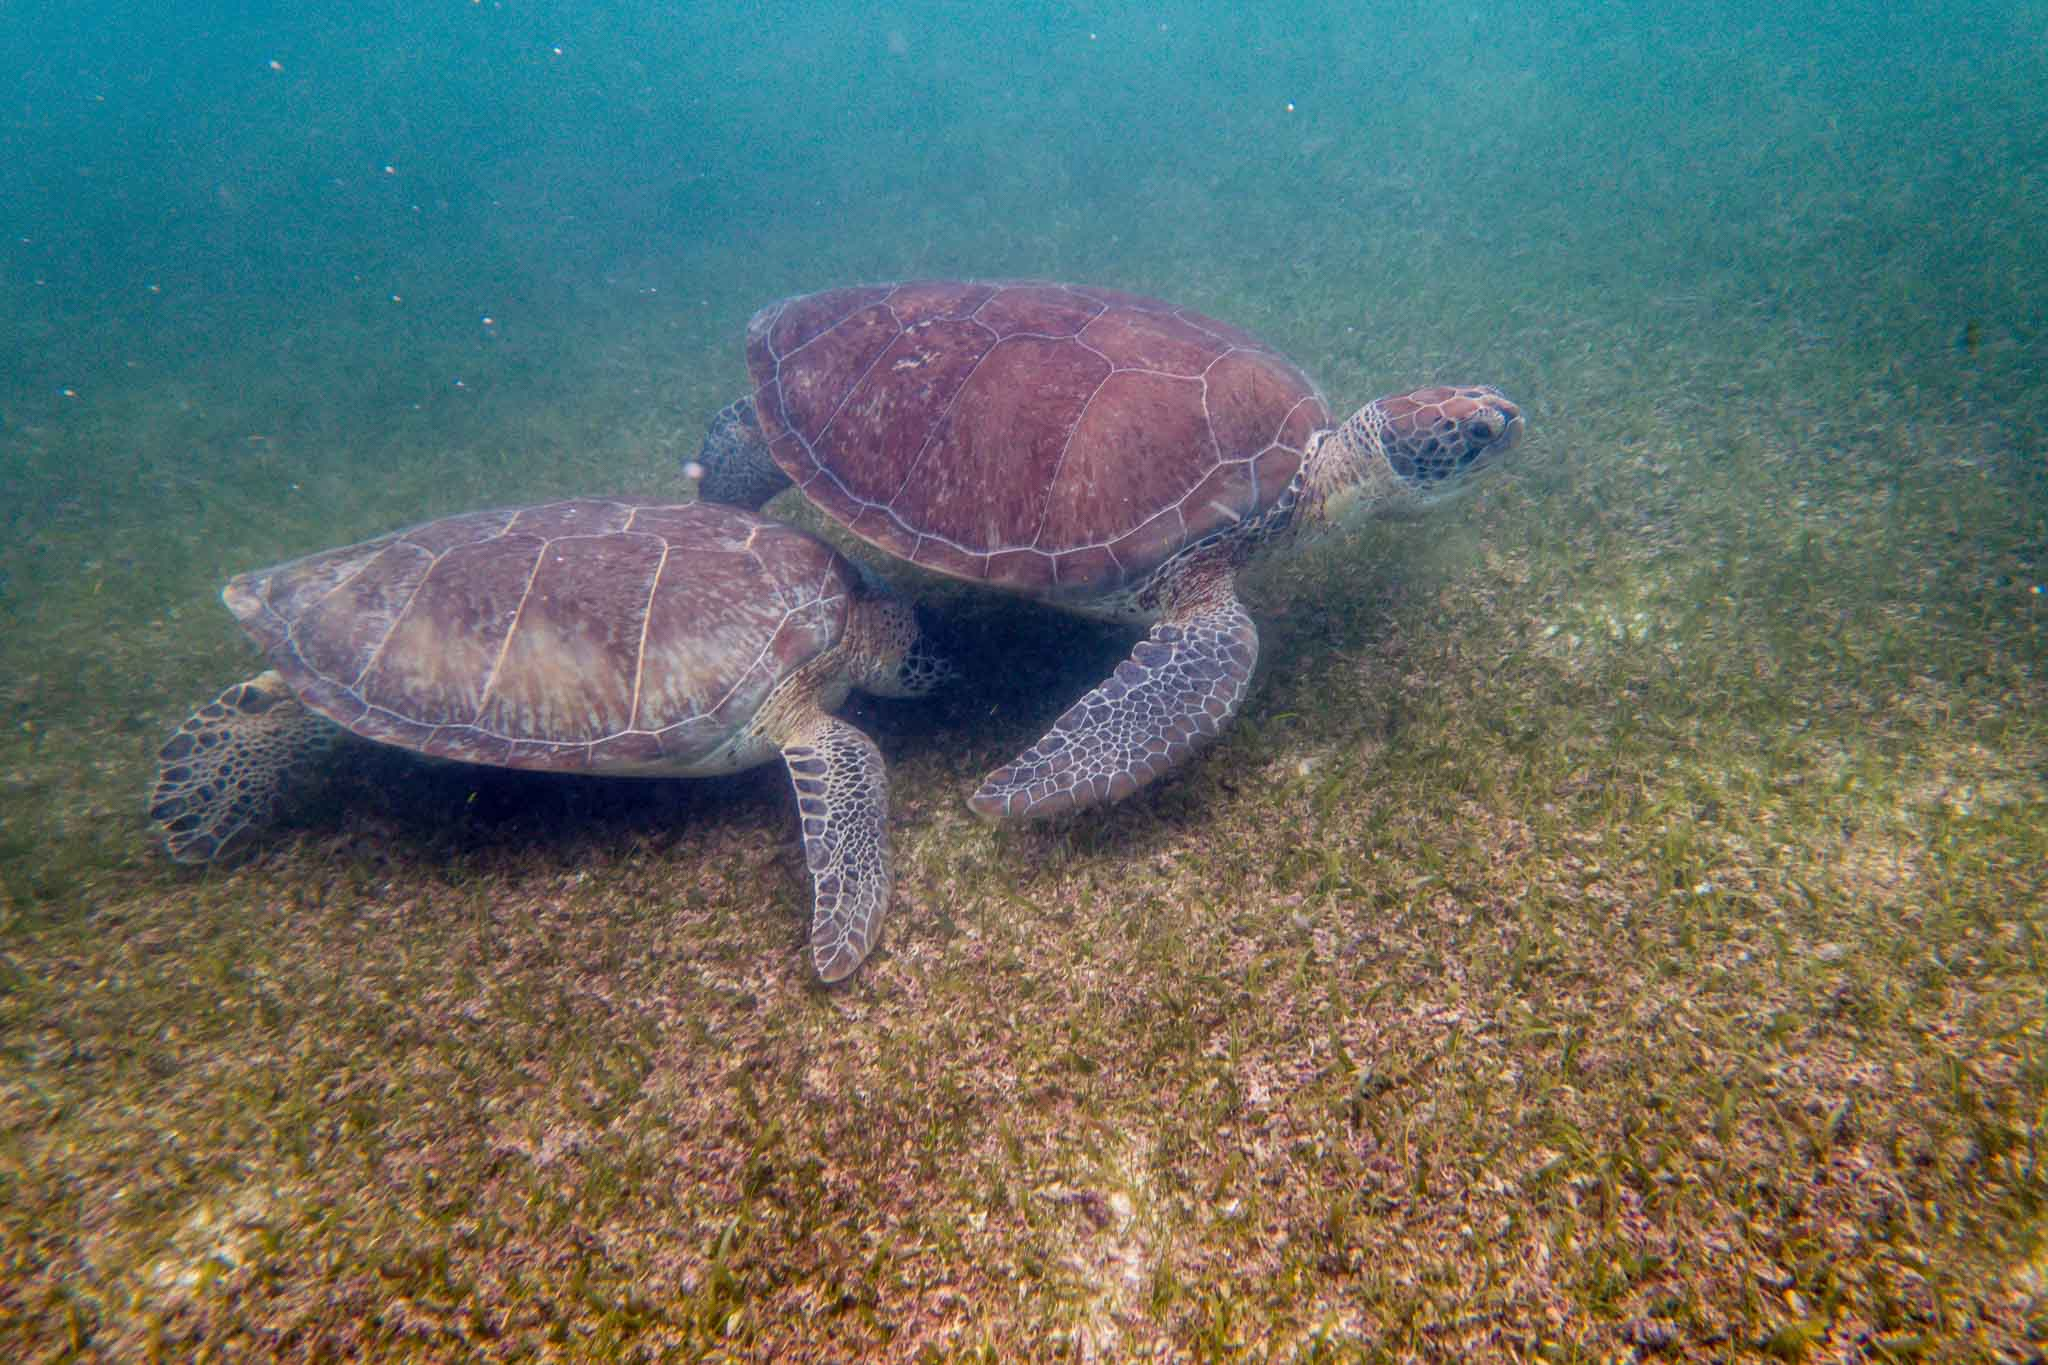 Two green sea turtles on the ocean floor